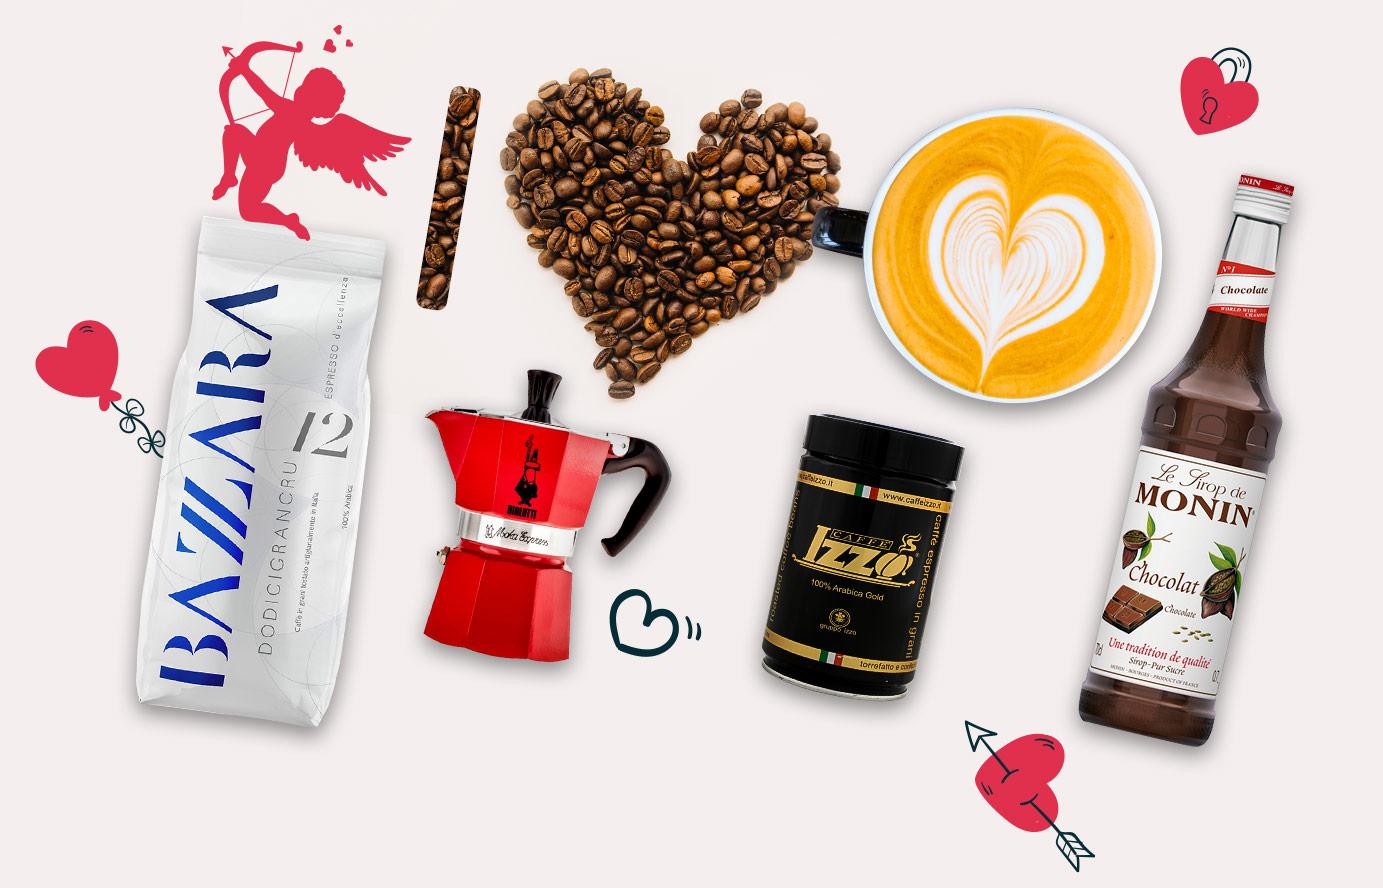 Tydzien miłości do kawy - produkty w promocji